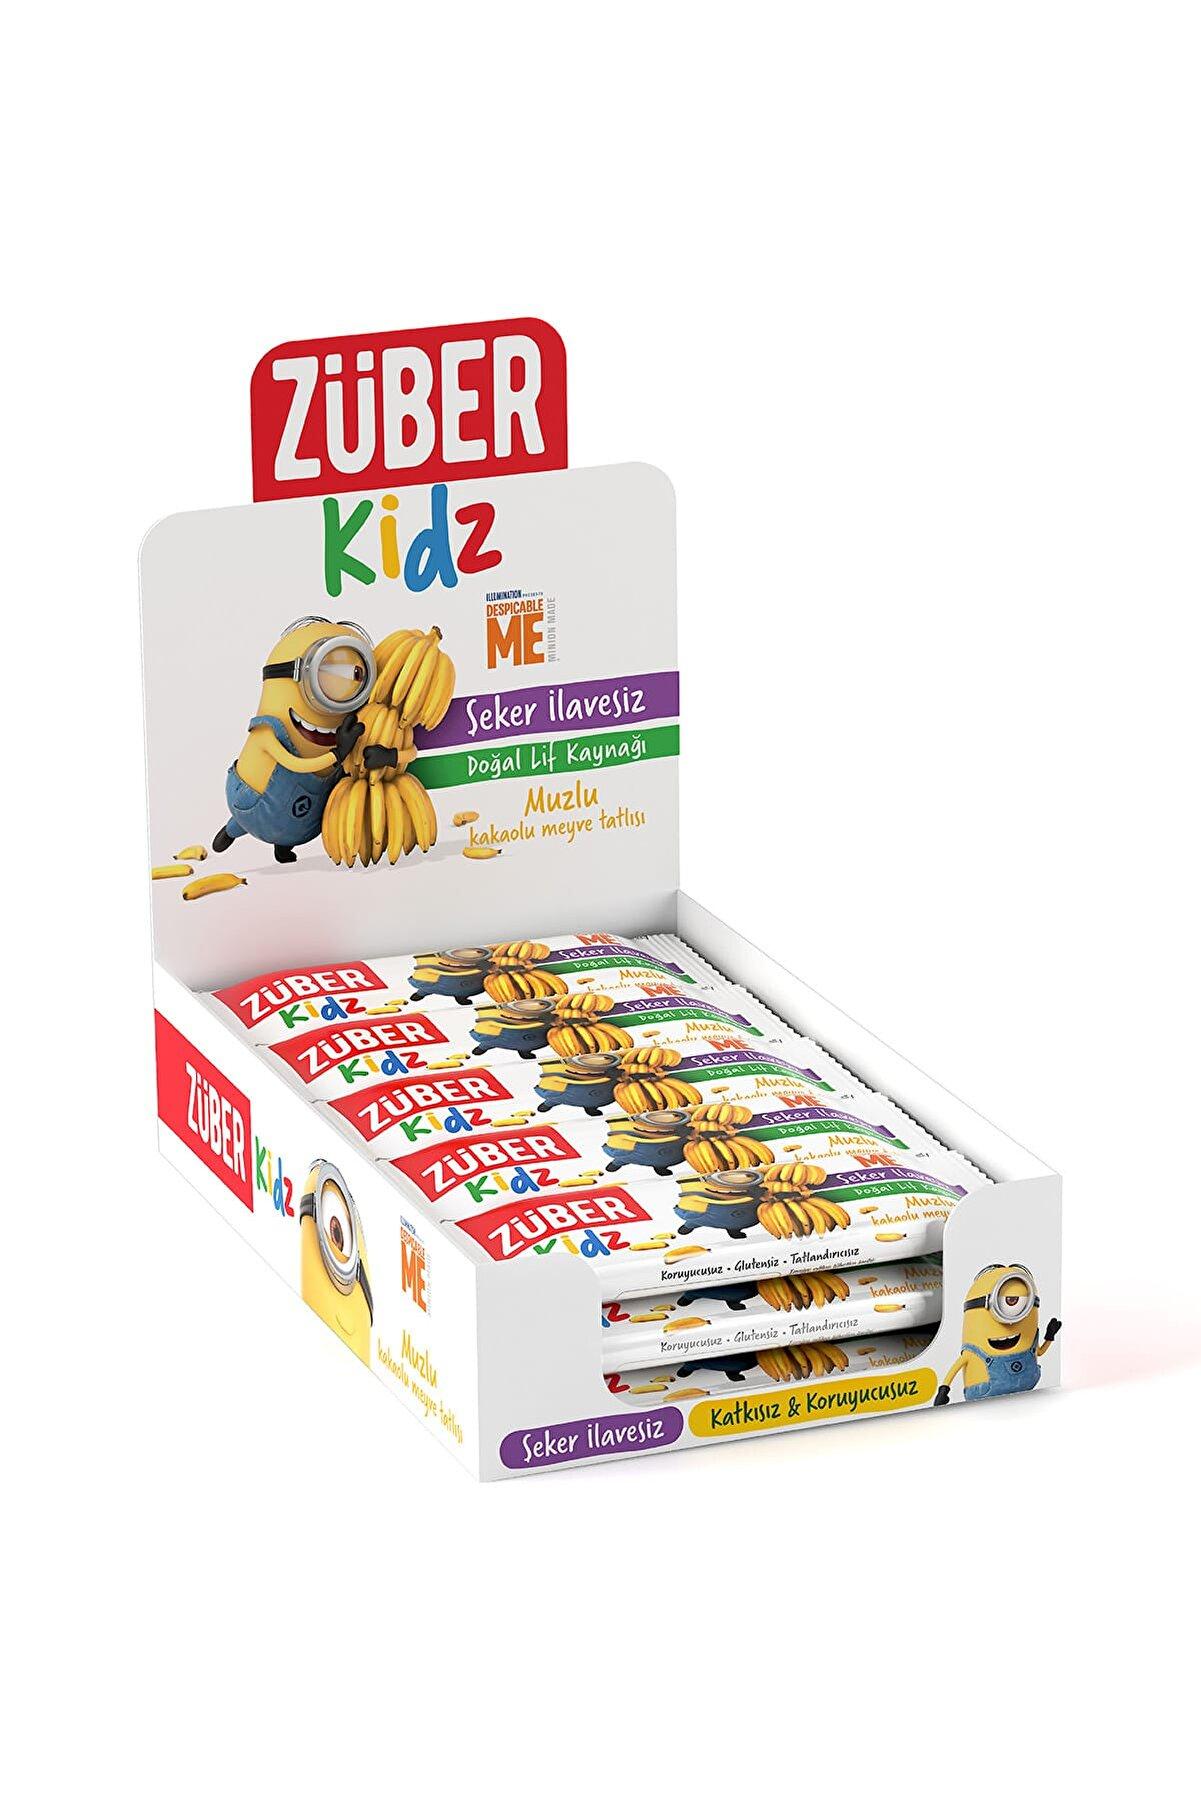 Züber Kidz Muzlu ve Kakaolu Meyve Tatlısı - 30 gr x 16 Adet